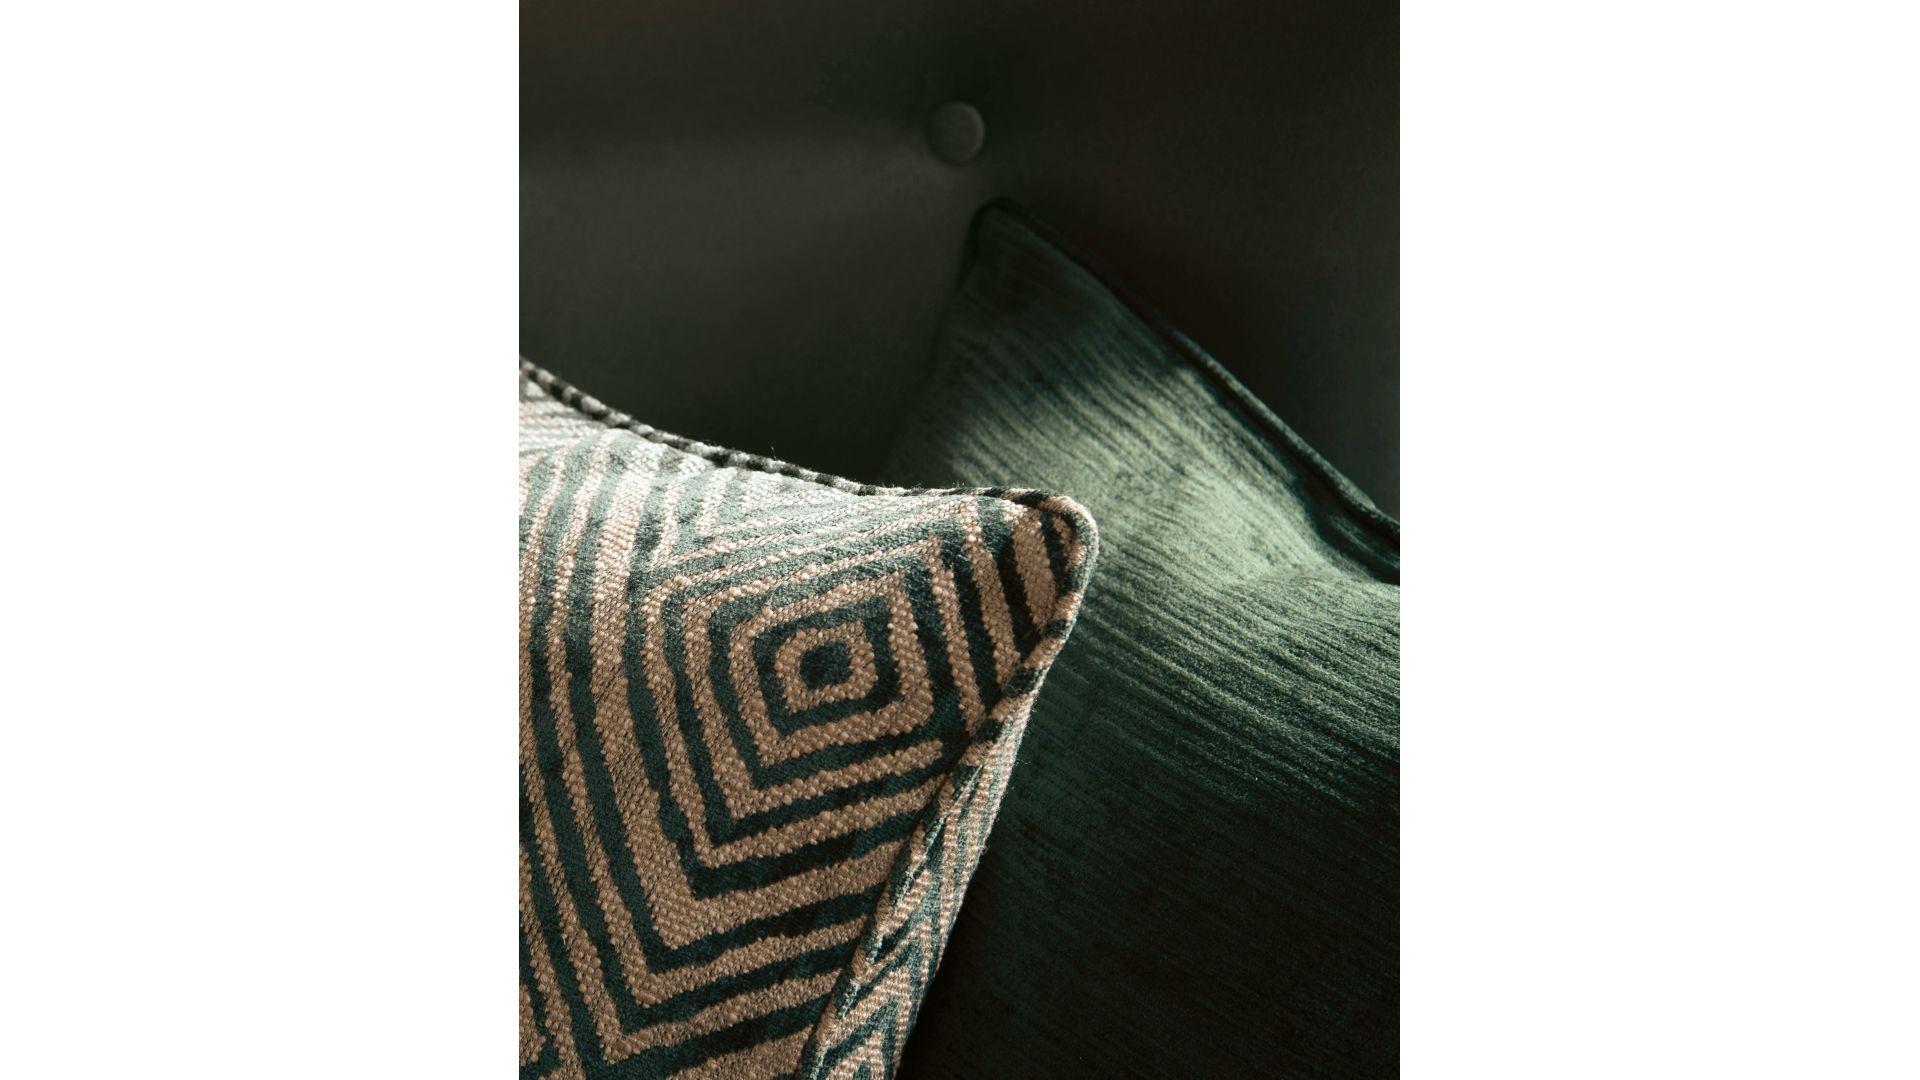 Kolekcja tkanin Fargotex Atelier by Maciej Zień/Fargotex. Produkt zgłoszony do konkursu Dobry Design 2020.